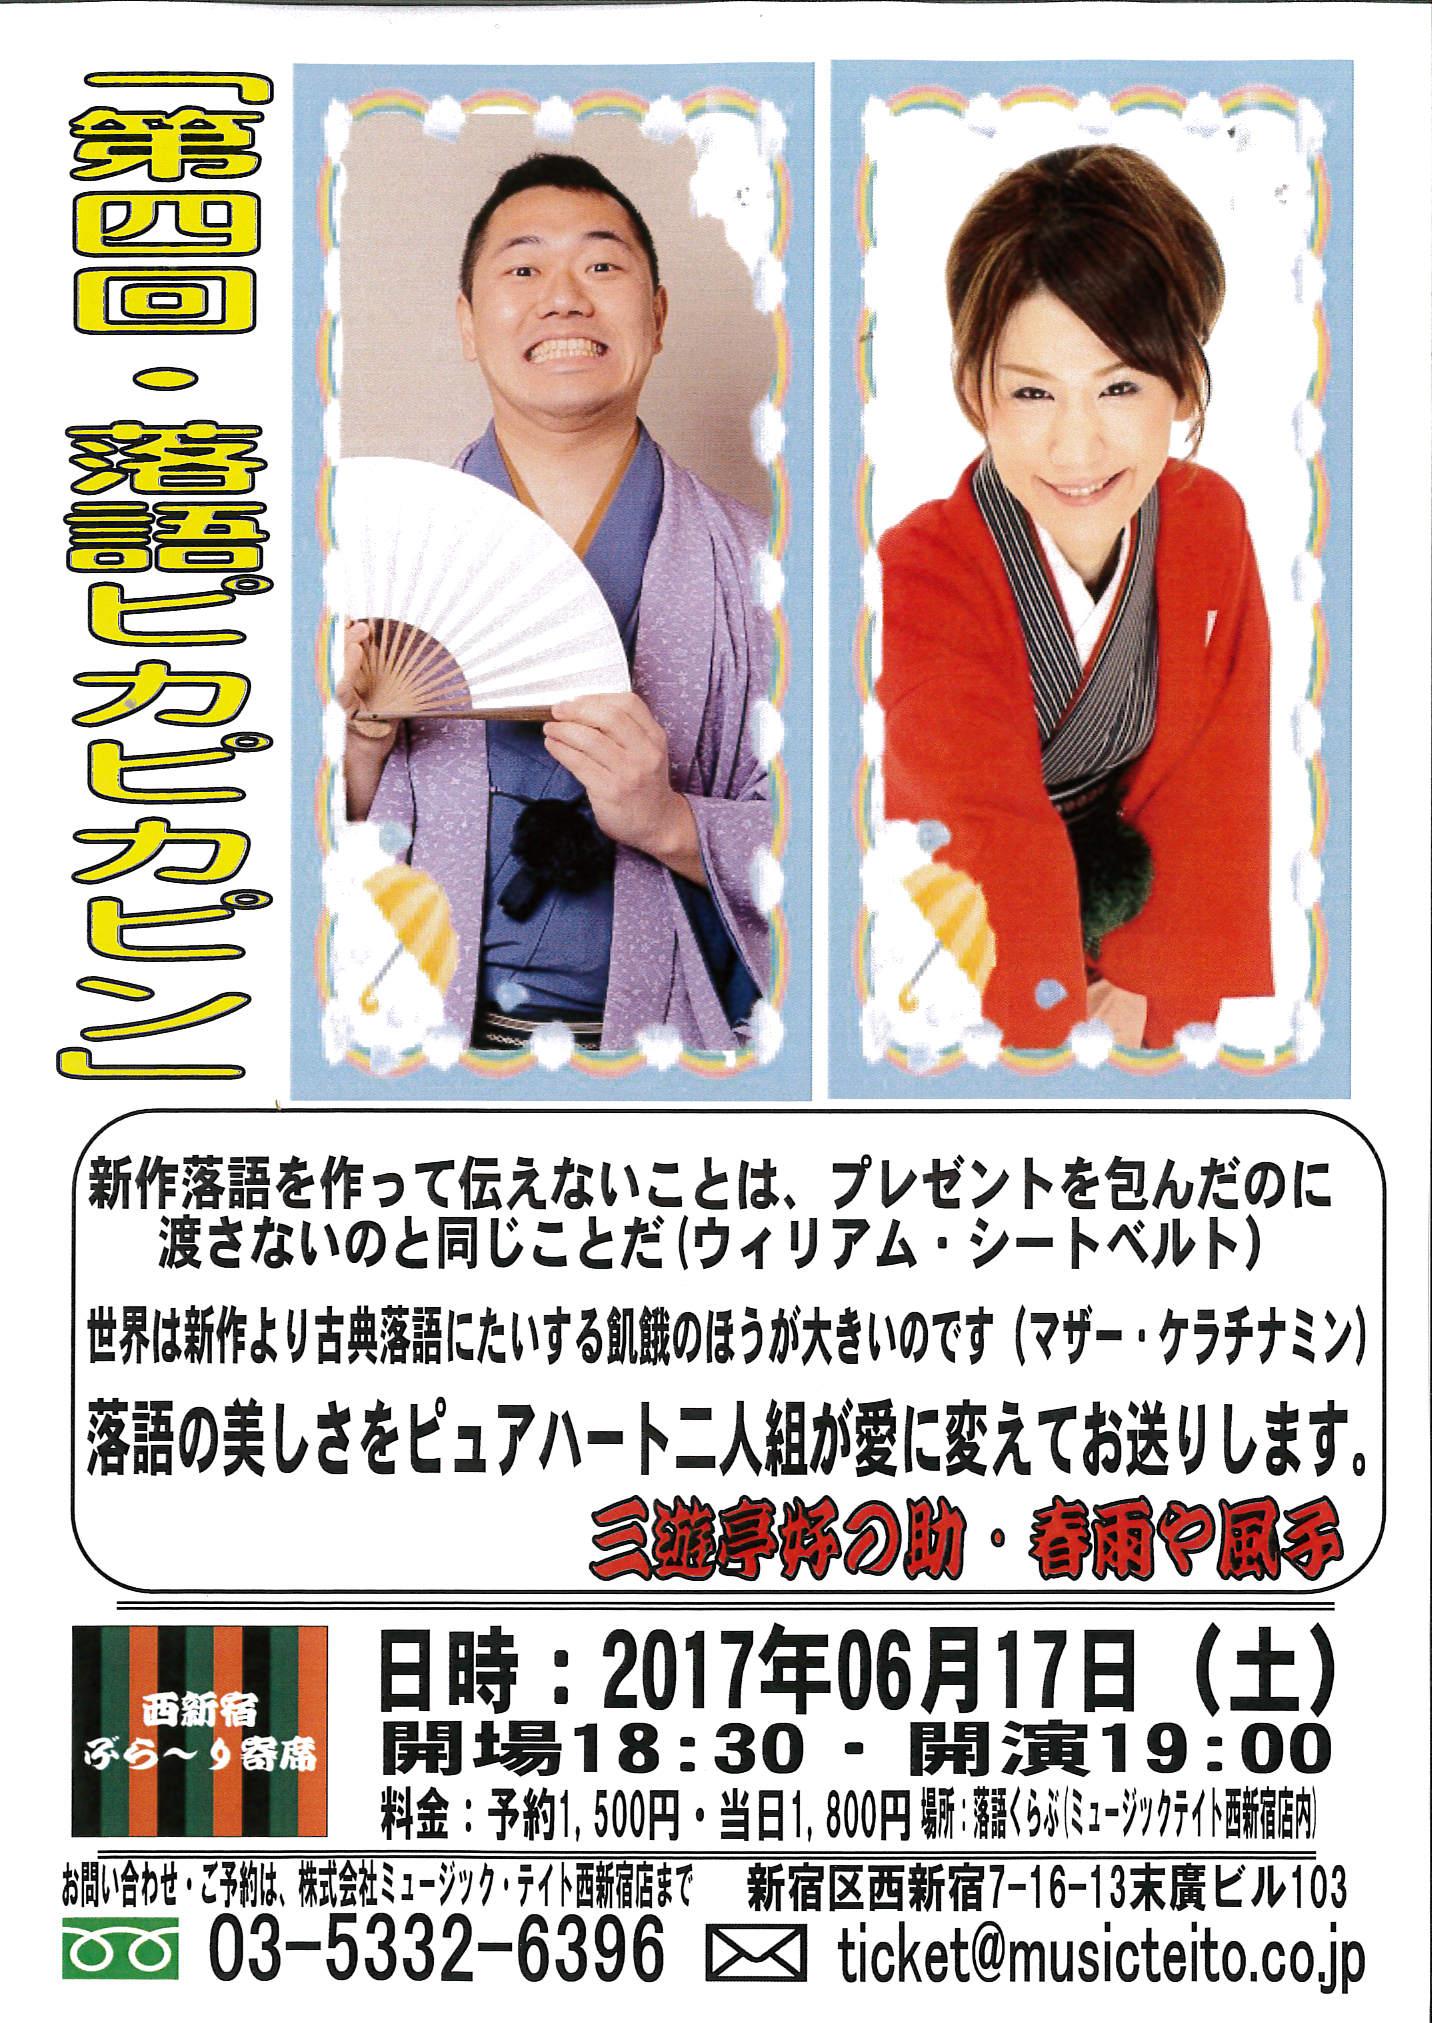 617_2017-09-10-23-53-31.jpg